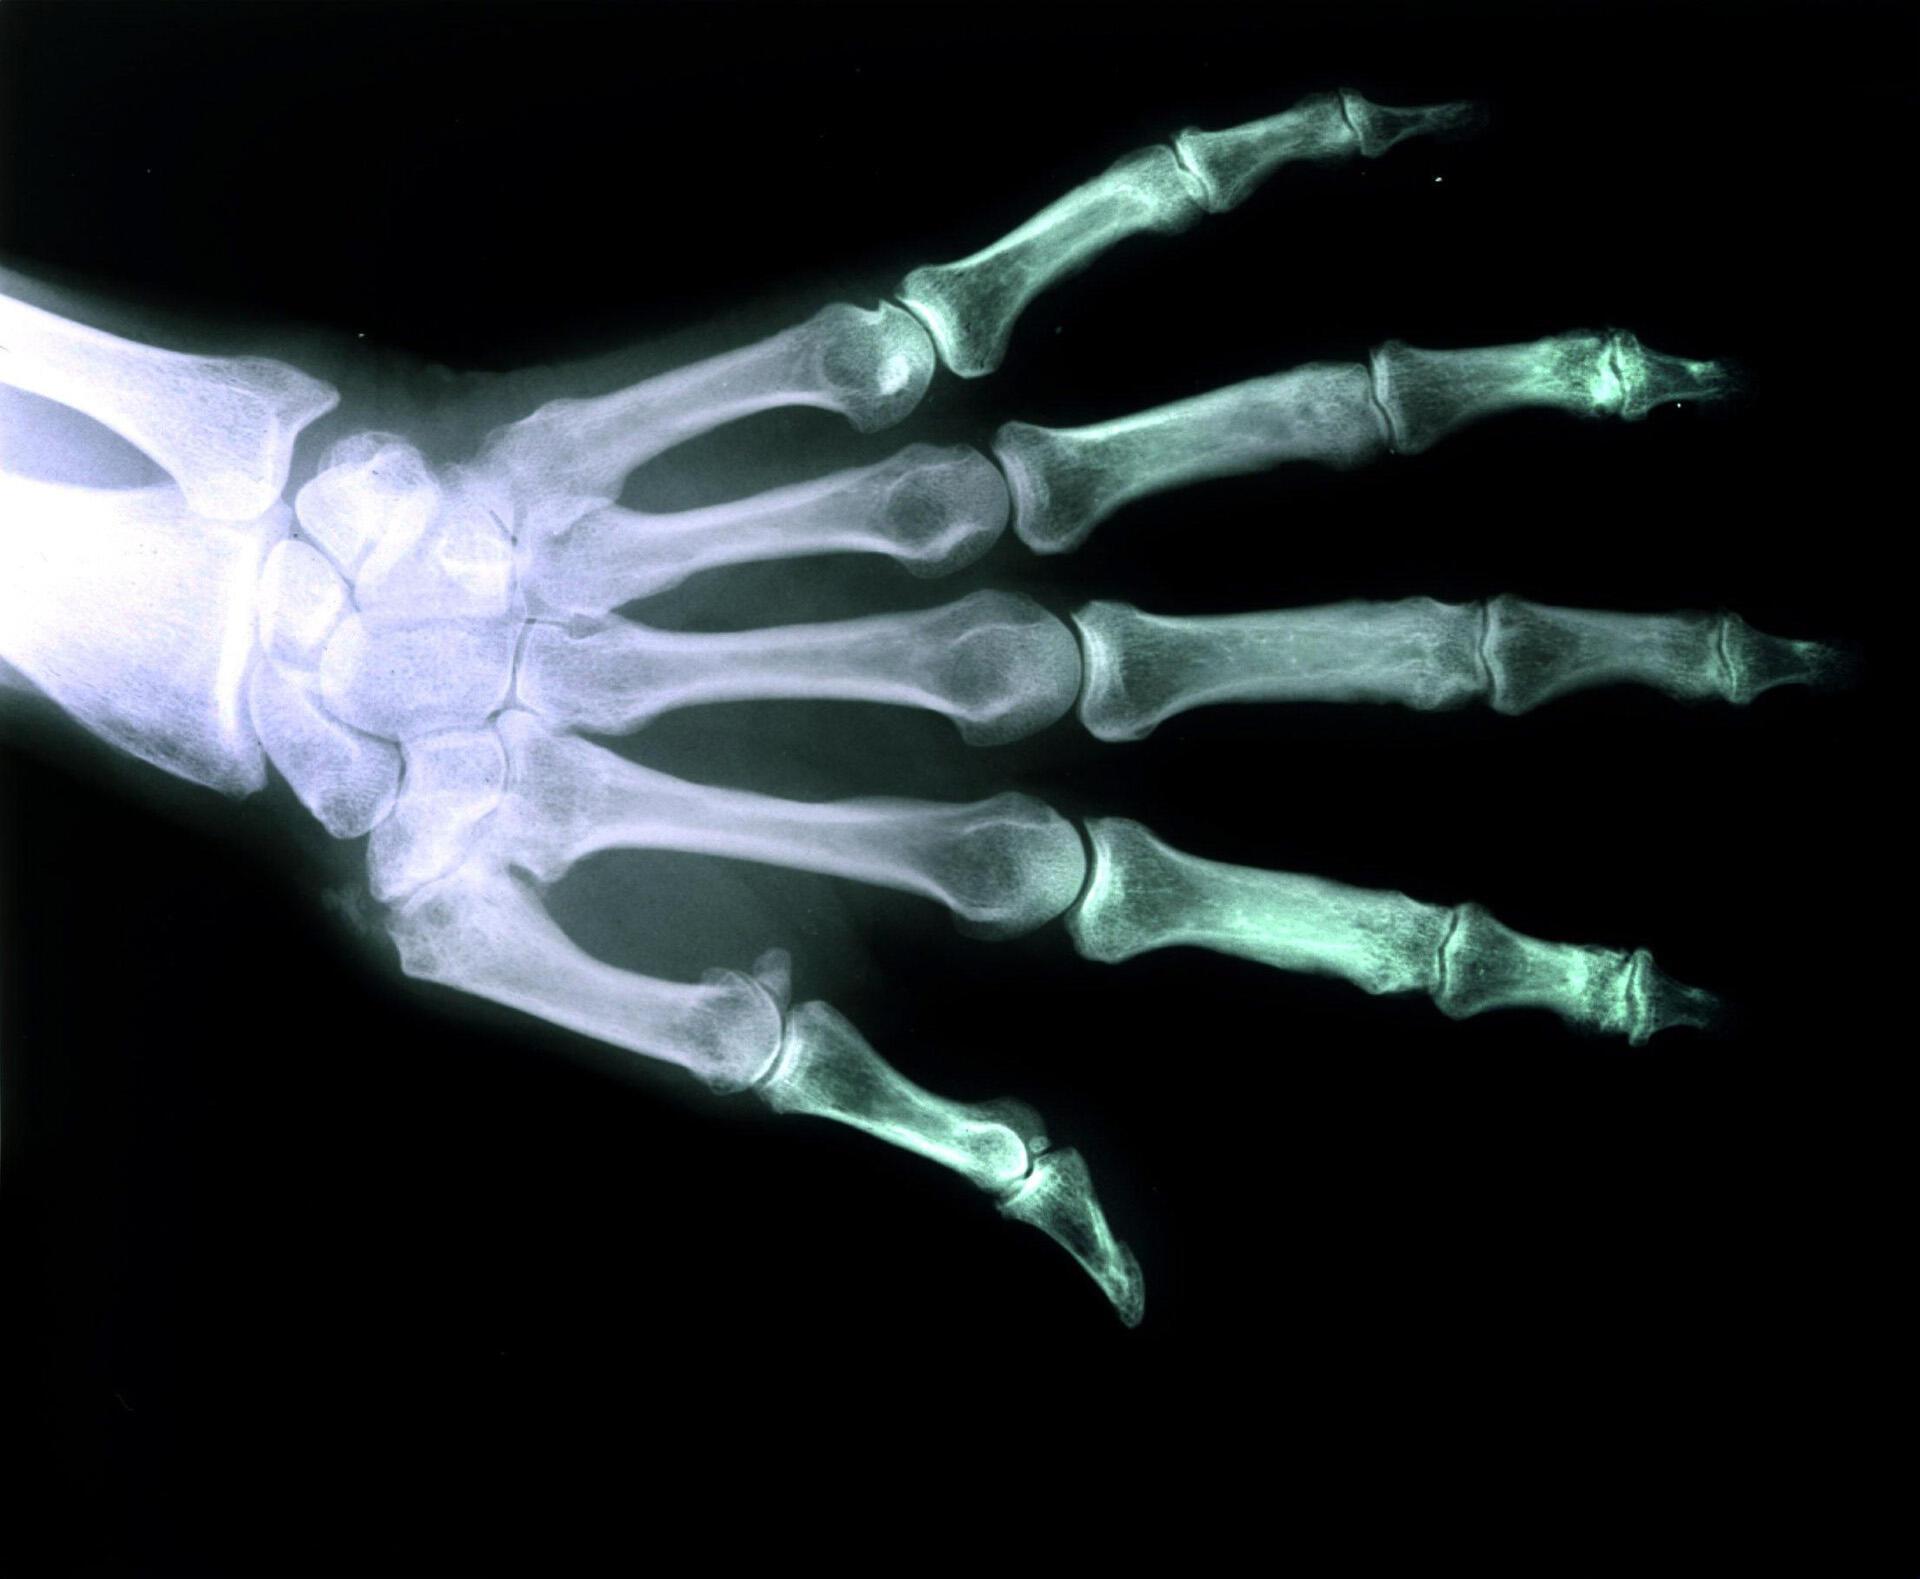 Une société danoise a mis au point une méthode d'impression 3D d'implants osseux parfaitement adaptés au corps.